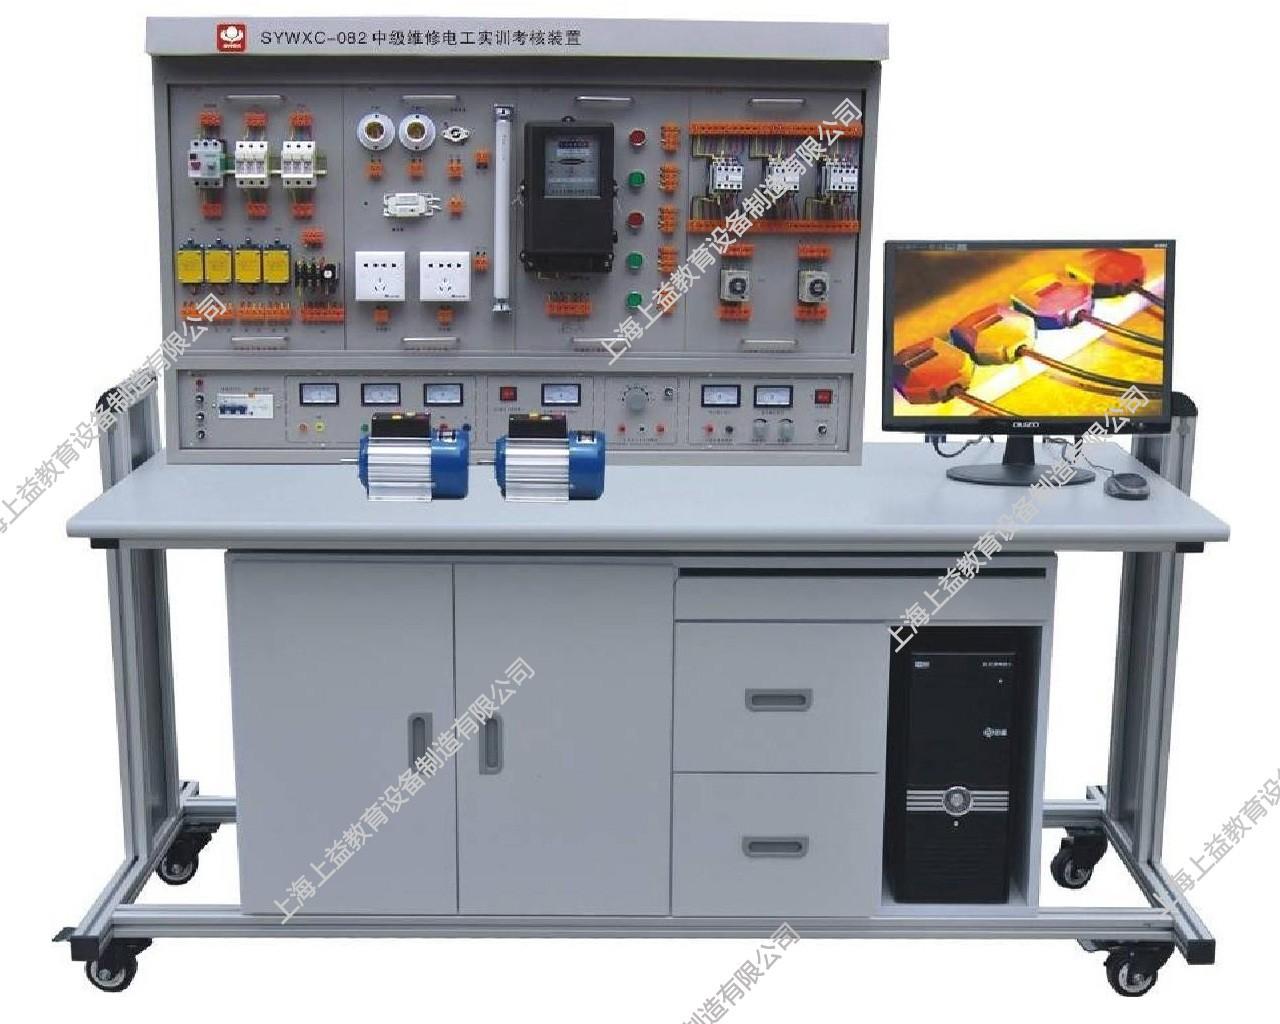 SYWXC-082中级维修电工wwwlehu8viplehu68vip装置(普通型)